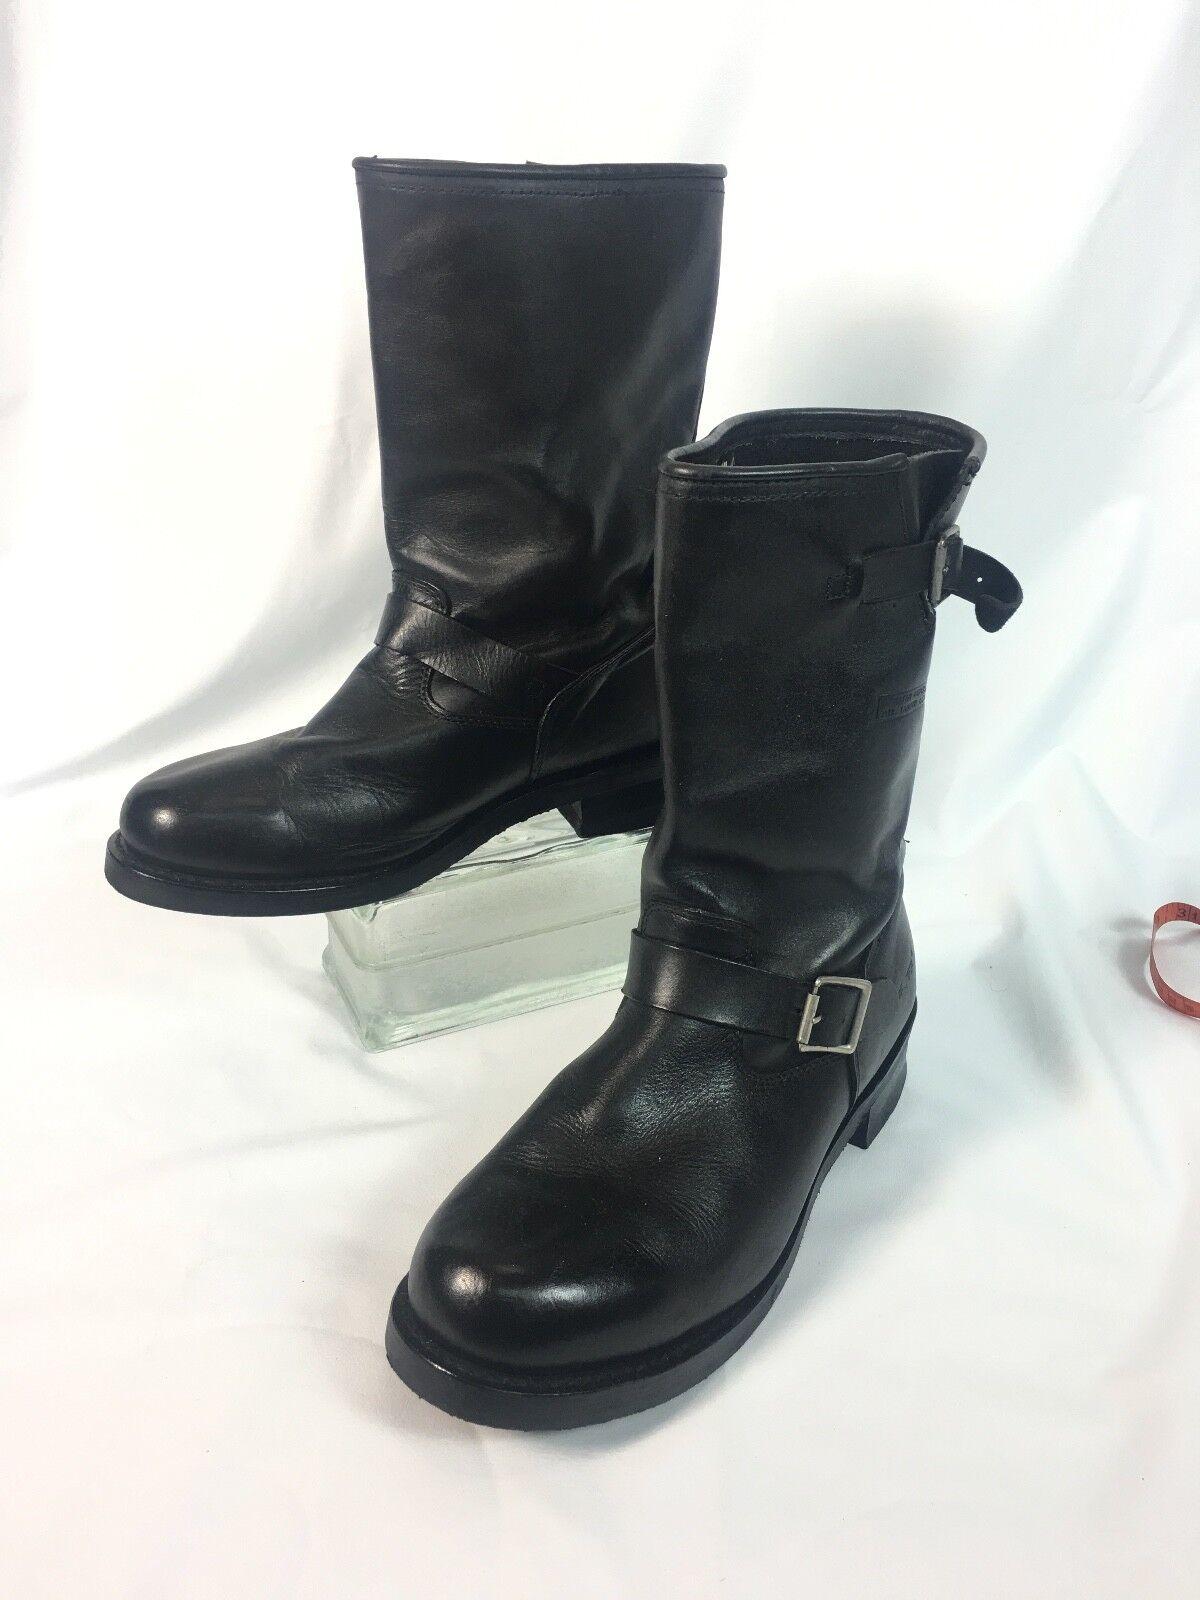 AdTec  Boots - Lineman, Logger, Biker Buckle Boots 13W